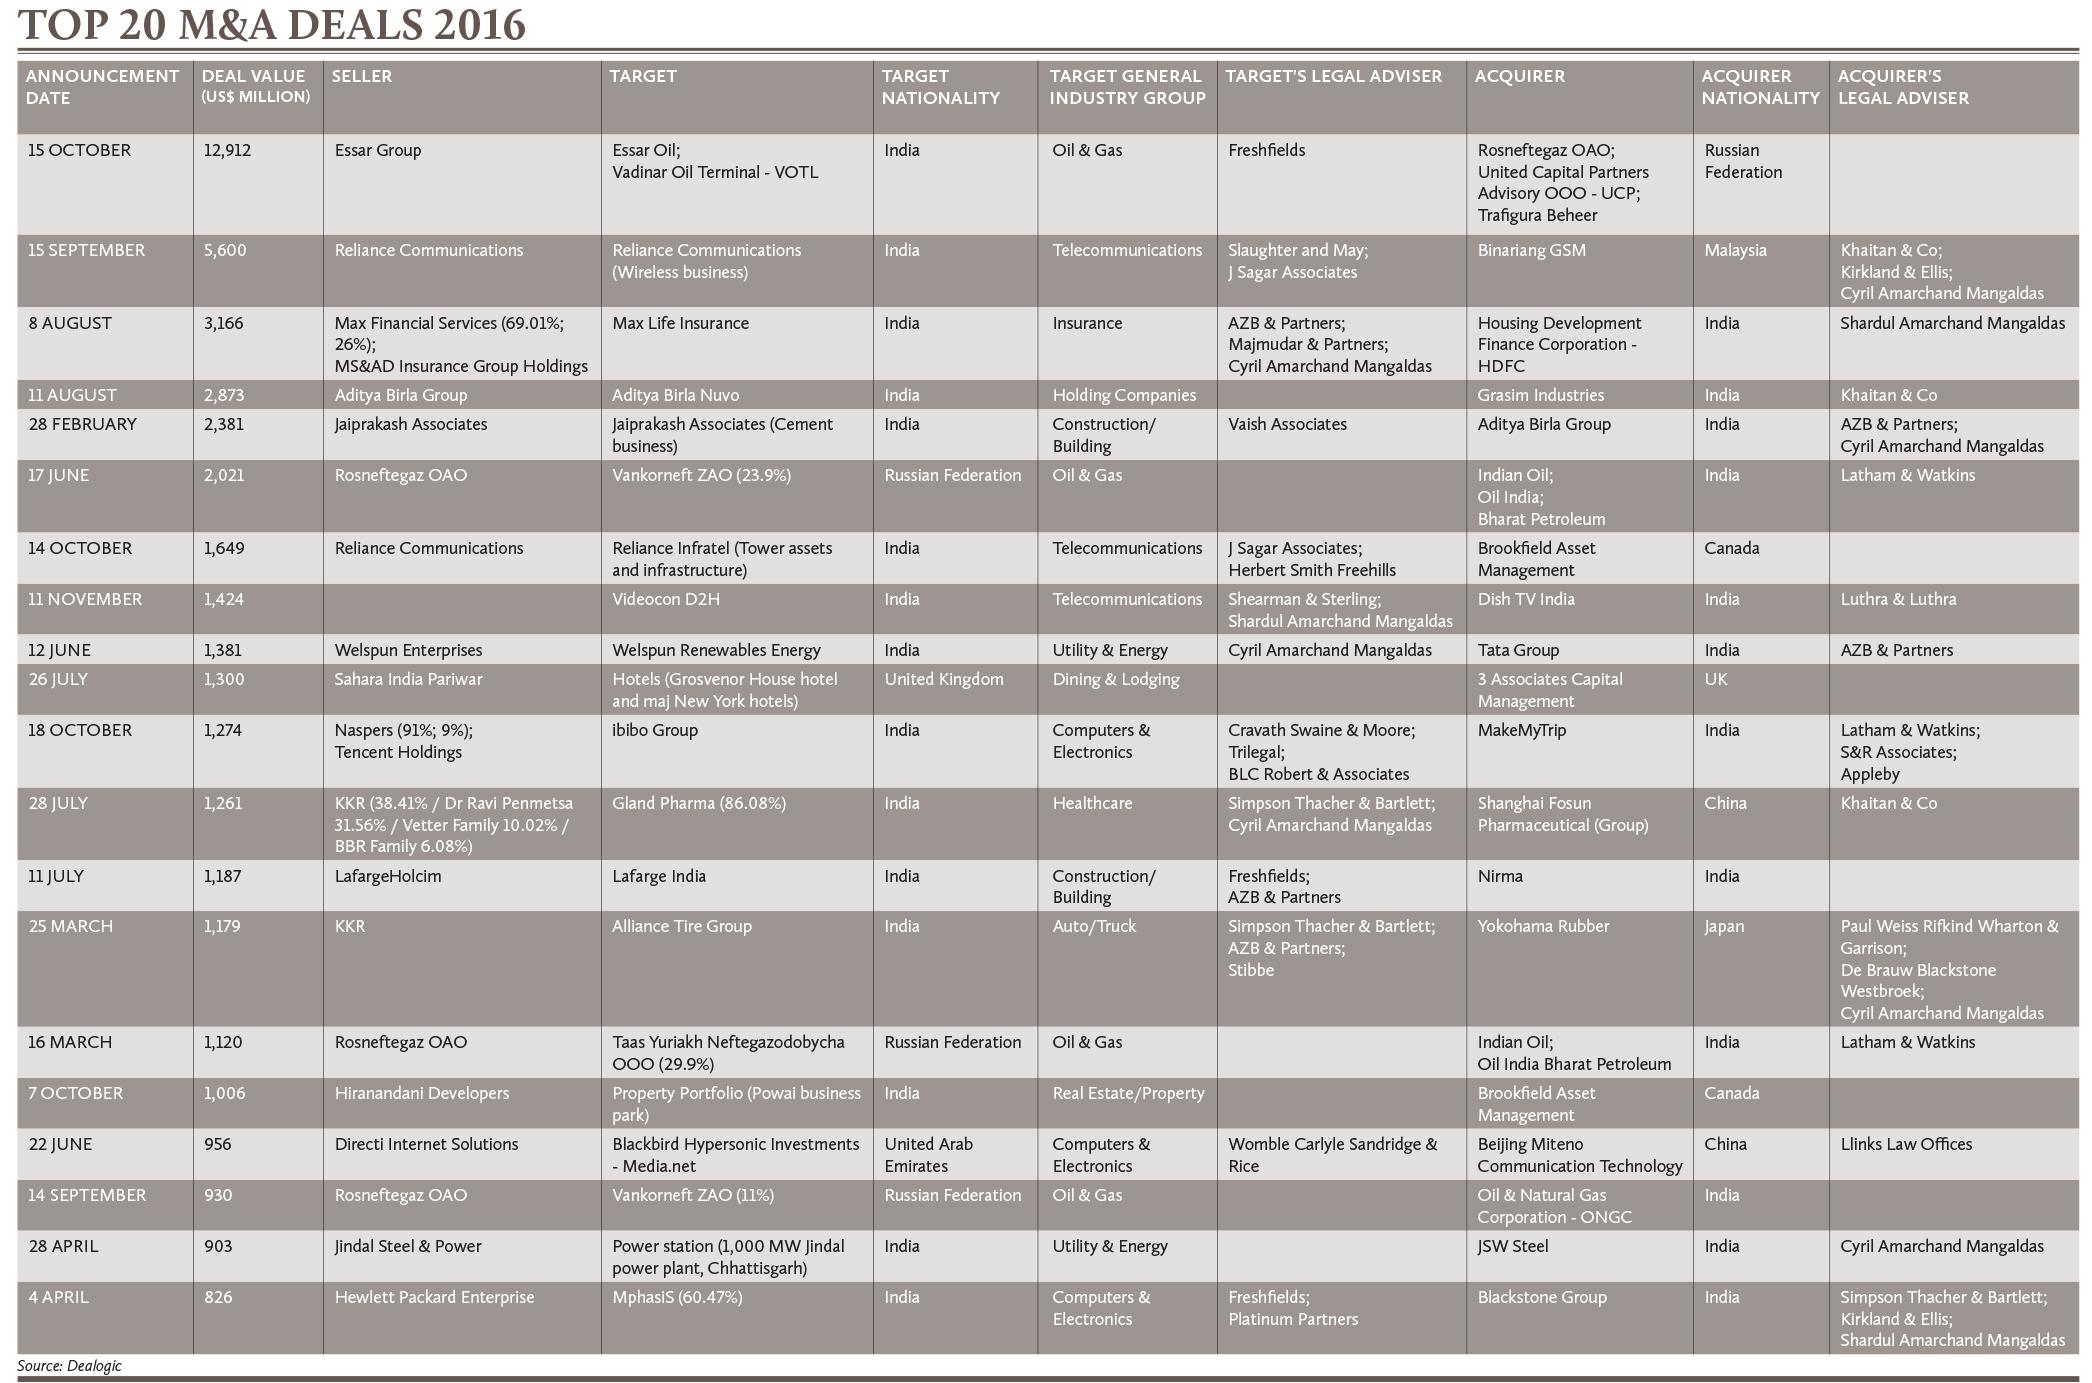 Top 20 M&A Deals 2016